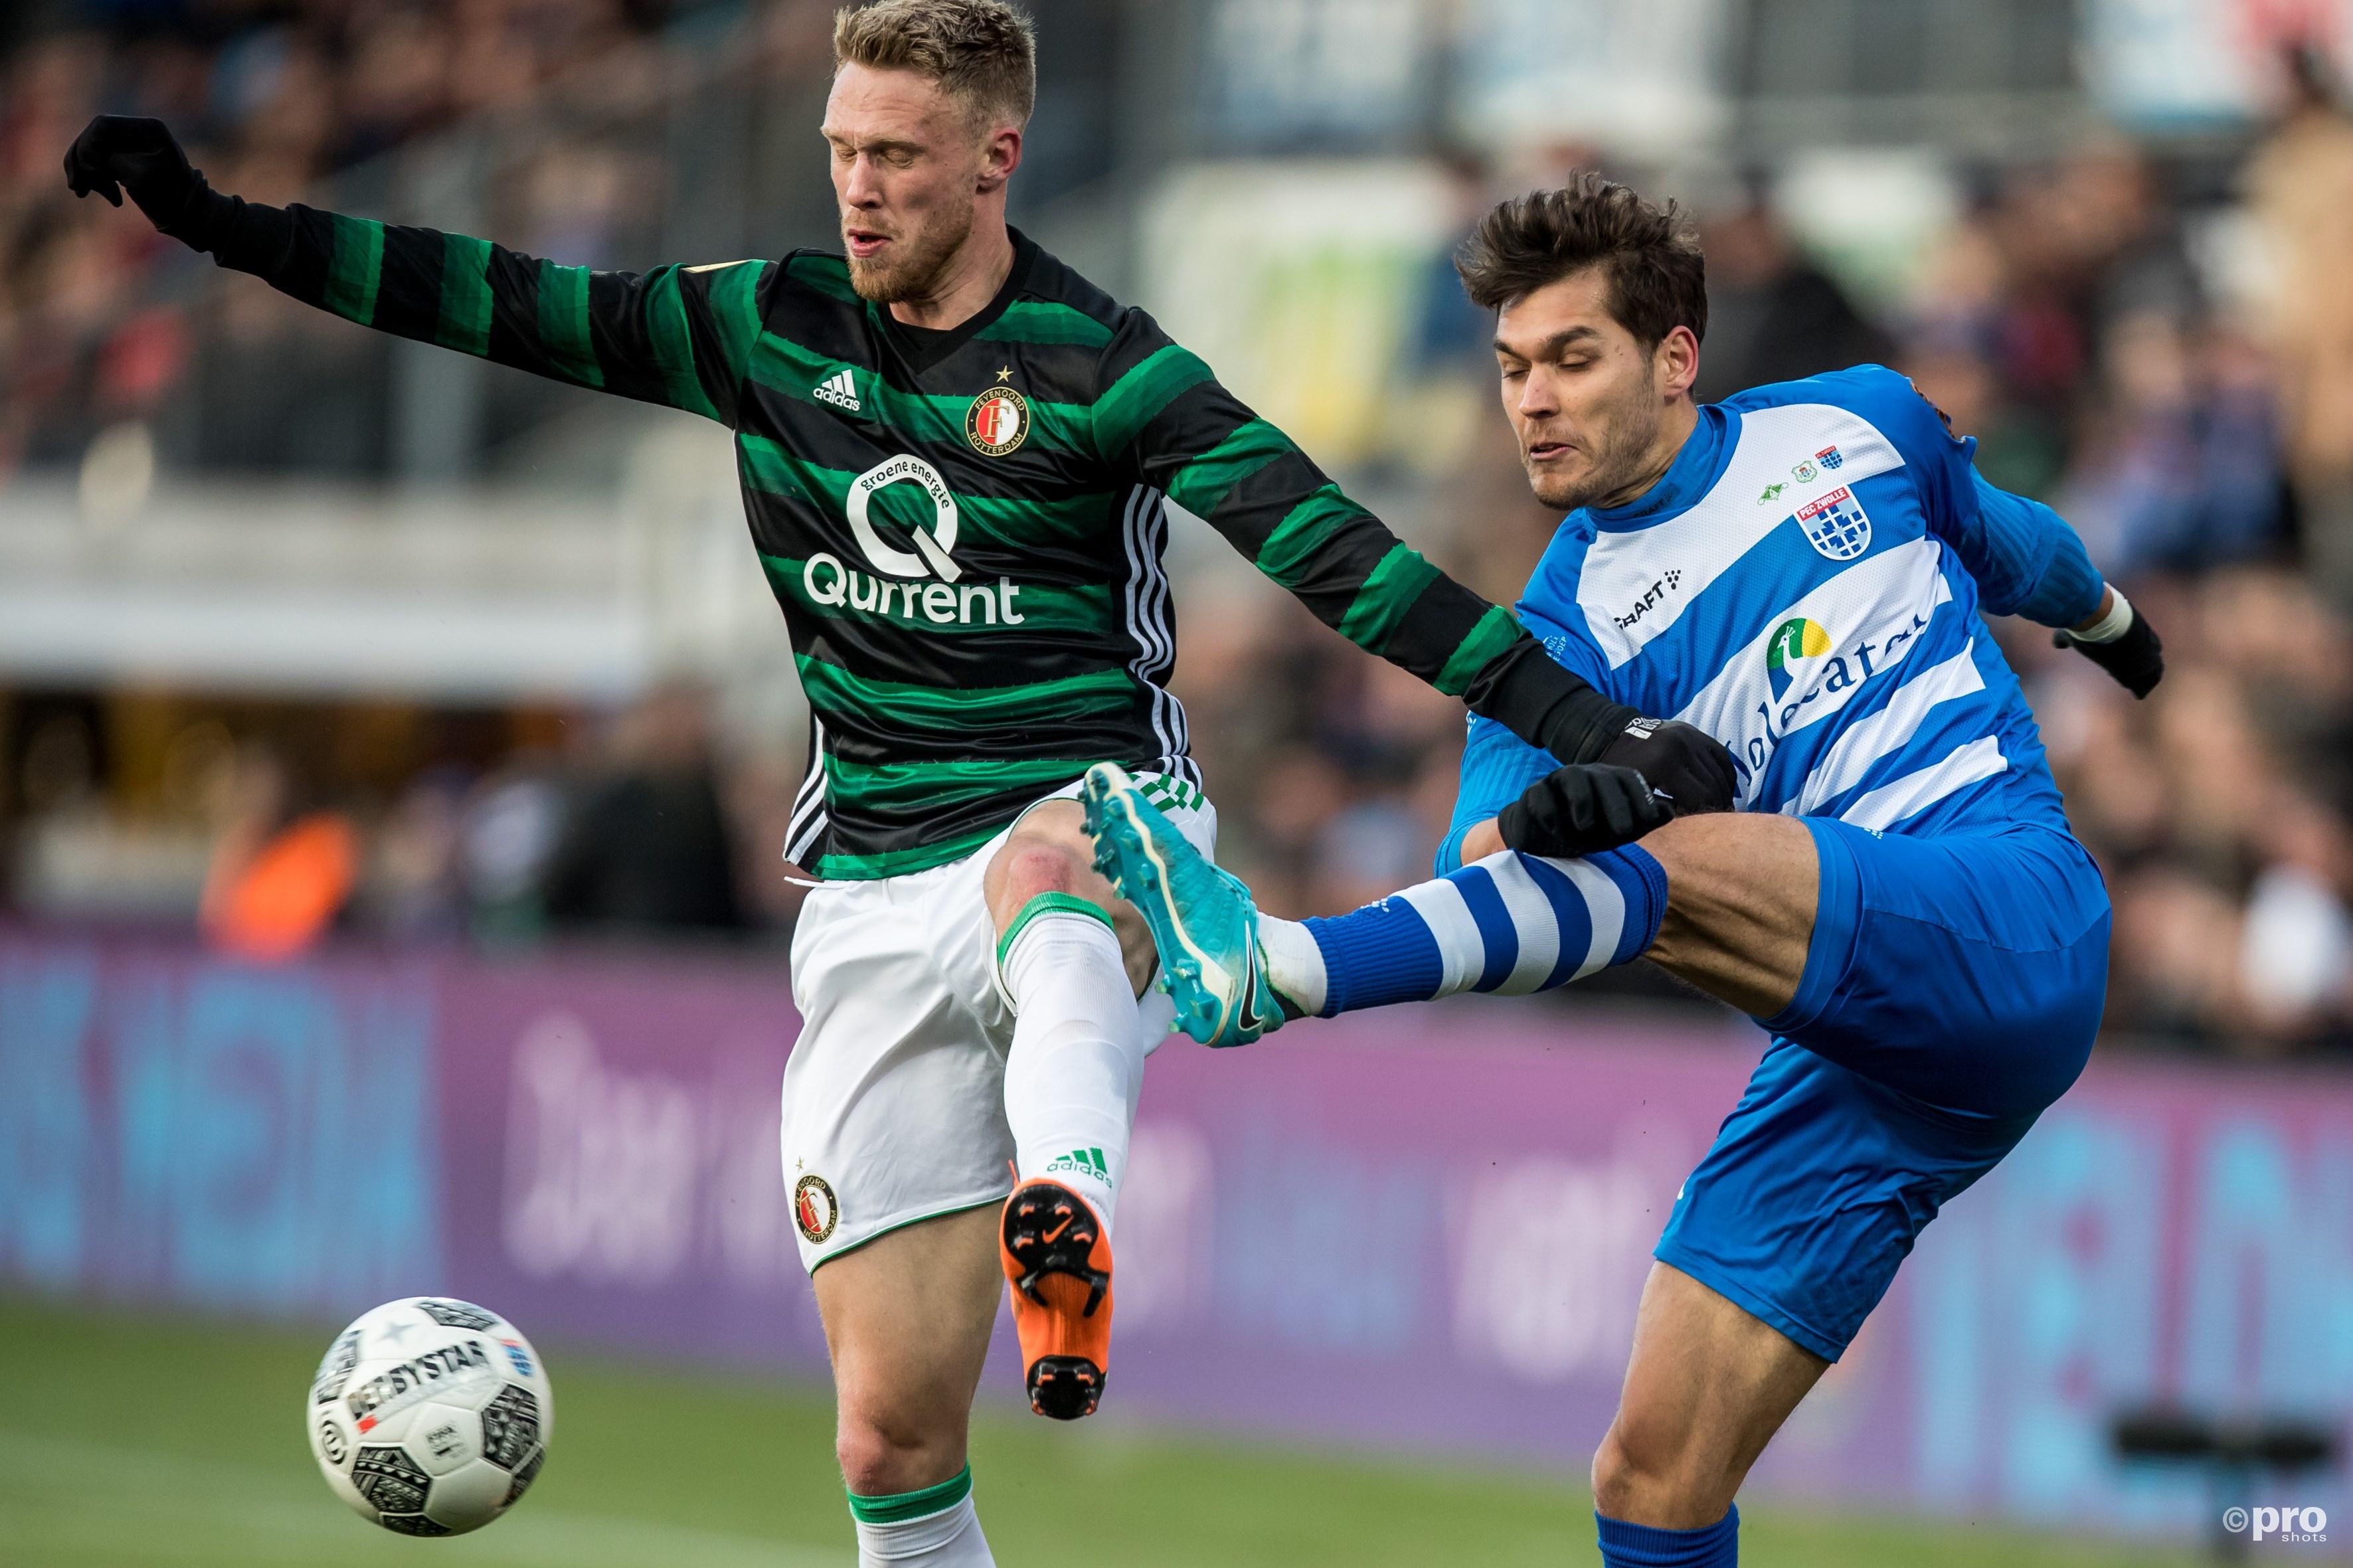 Nicolas Freire (r) in duel met Feyenoord-speler Nicolai Jorgensen (l). (PRO SHOTS/Kay Int Veen)